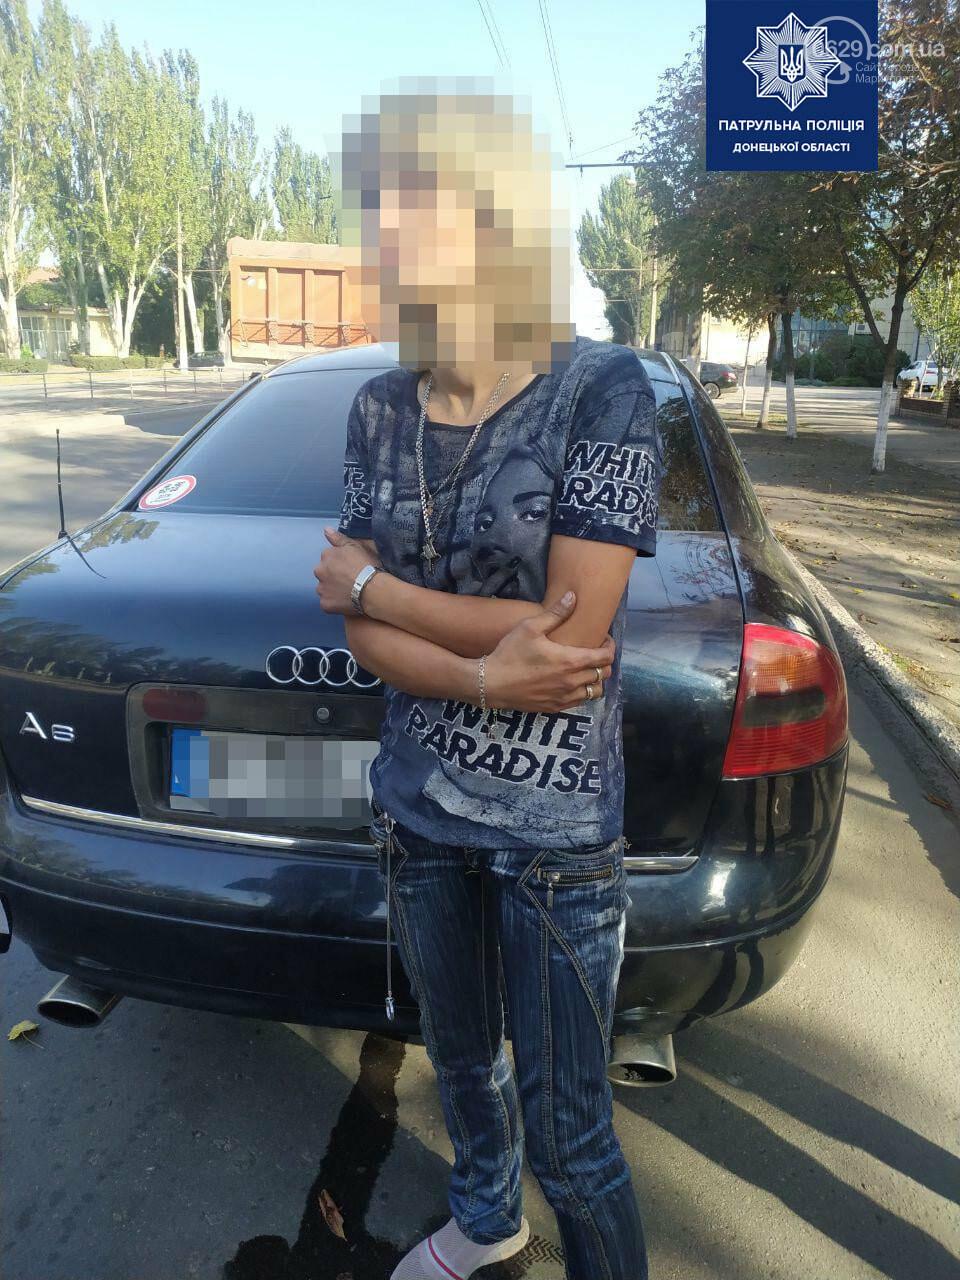 30-летняя мариупольчанка села за руль в наркотическом опьянении, - ФОТО, фото-1